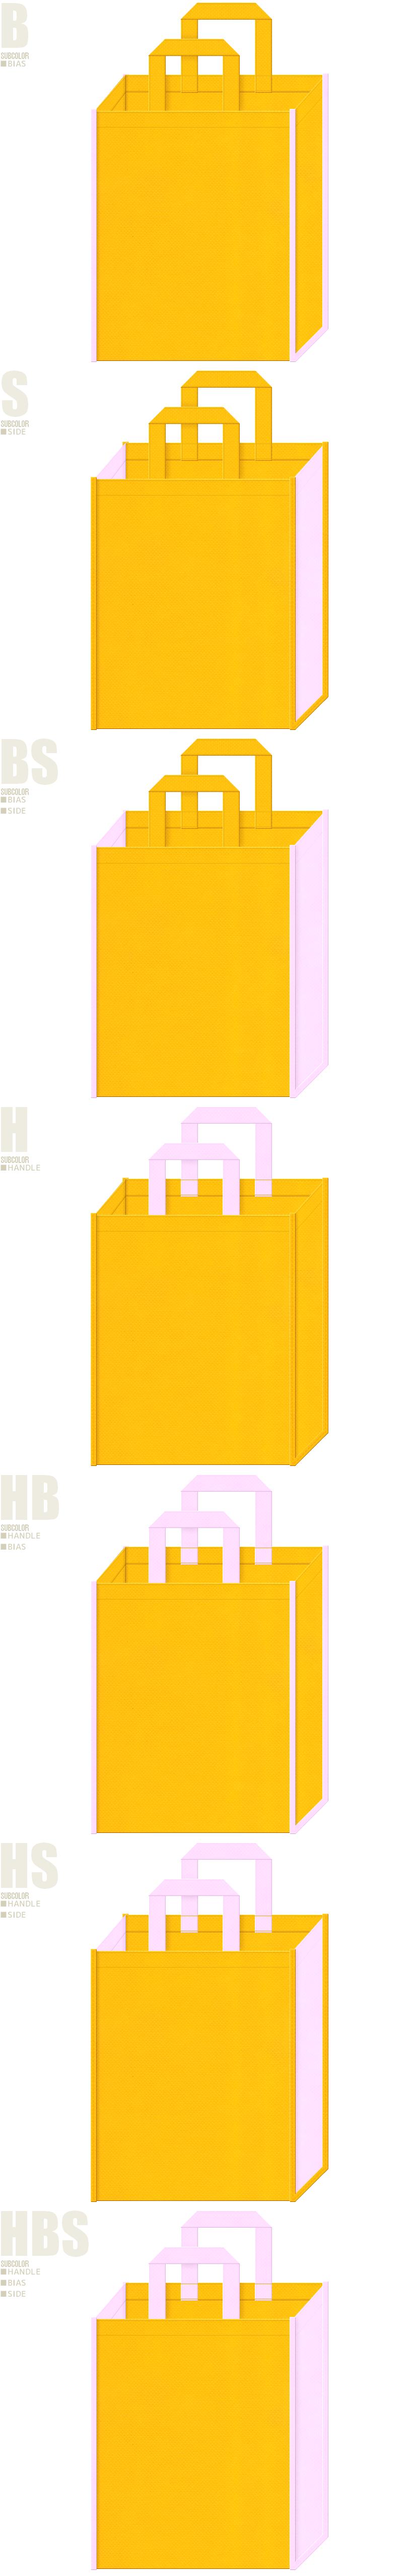 絵本・おとぎ話・エンジェル・プリンセス・おもちゃの兵隊・テーマパーク・通園バッグ・キッズイベントにお奨めの不織布バッグデザイン:黄色と明るいピンク色の配色7パターン。